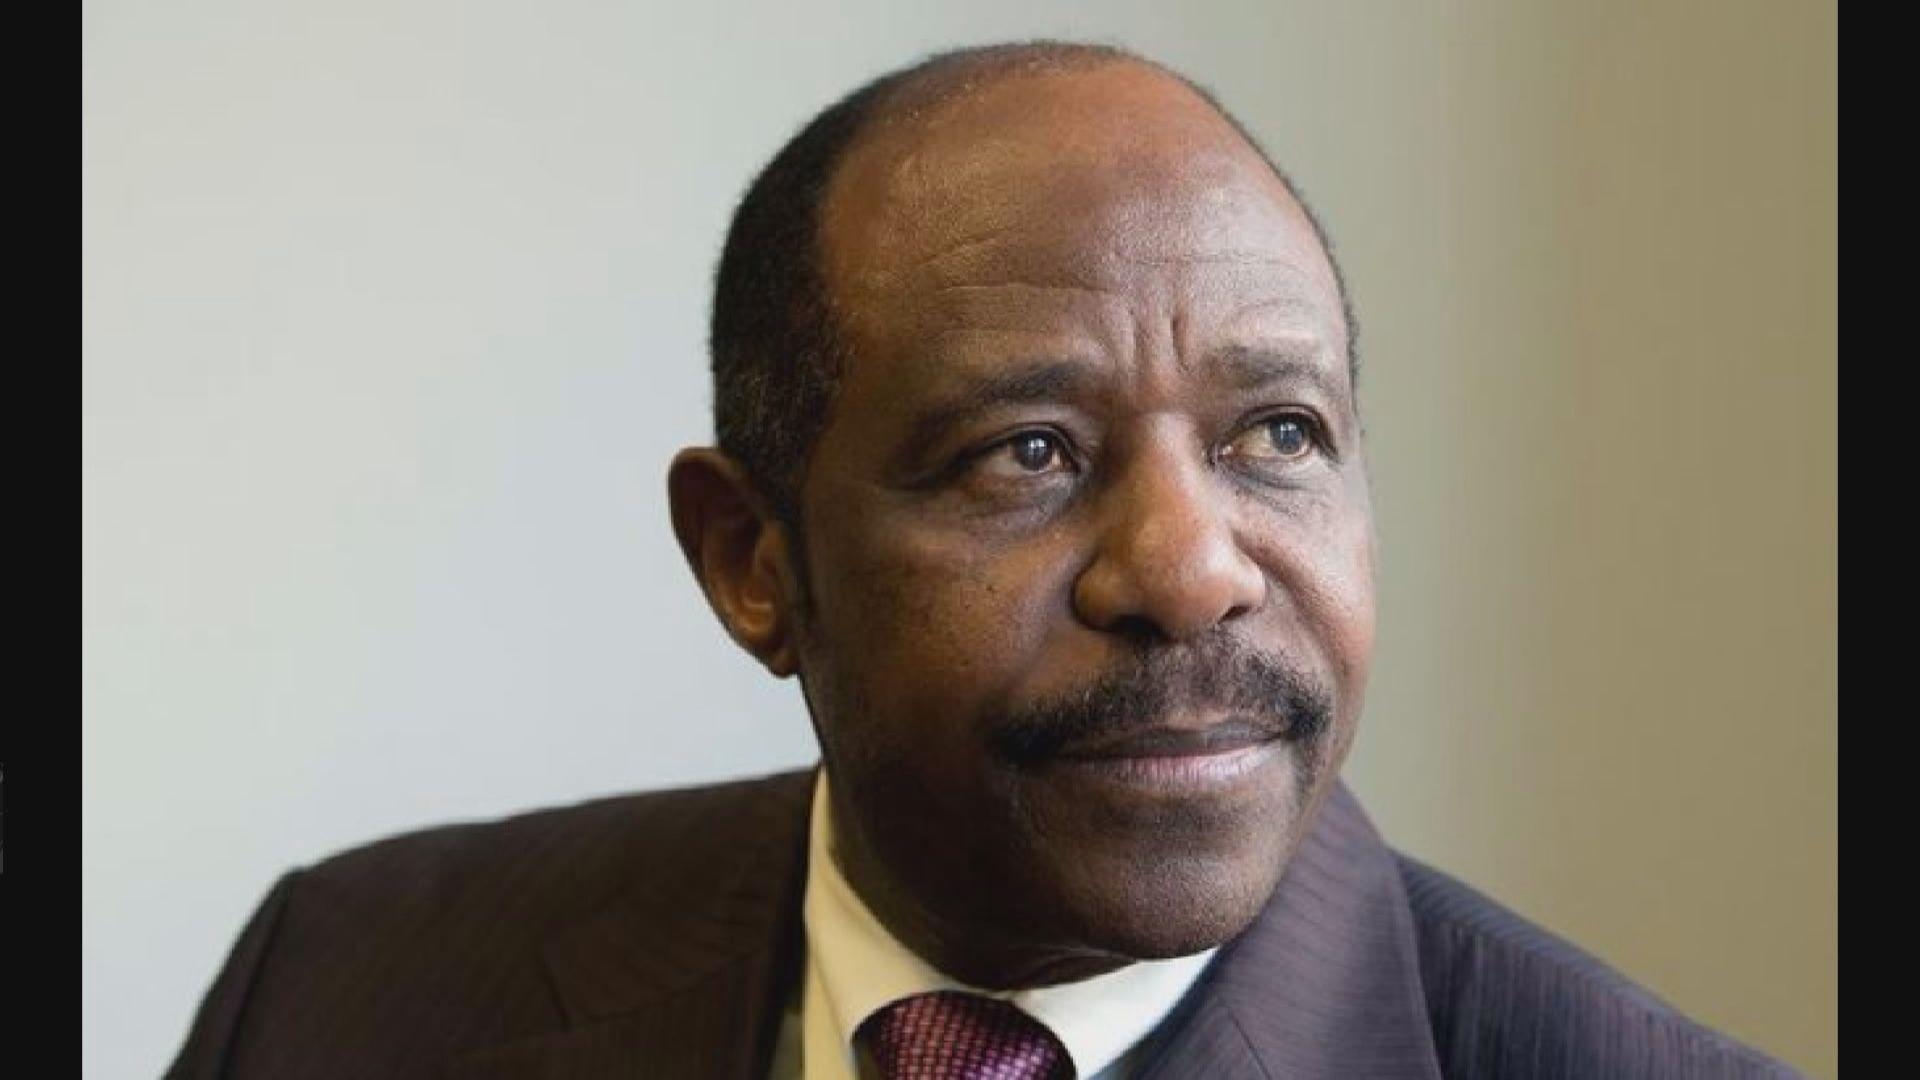 【環球薈報】盧旺達大屠殺救人英雄被捕控以恐怖主義罪